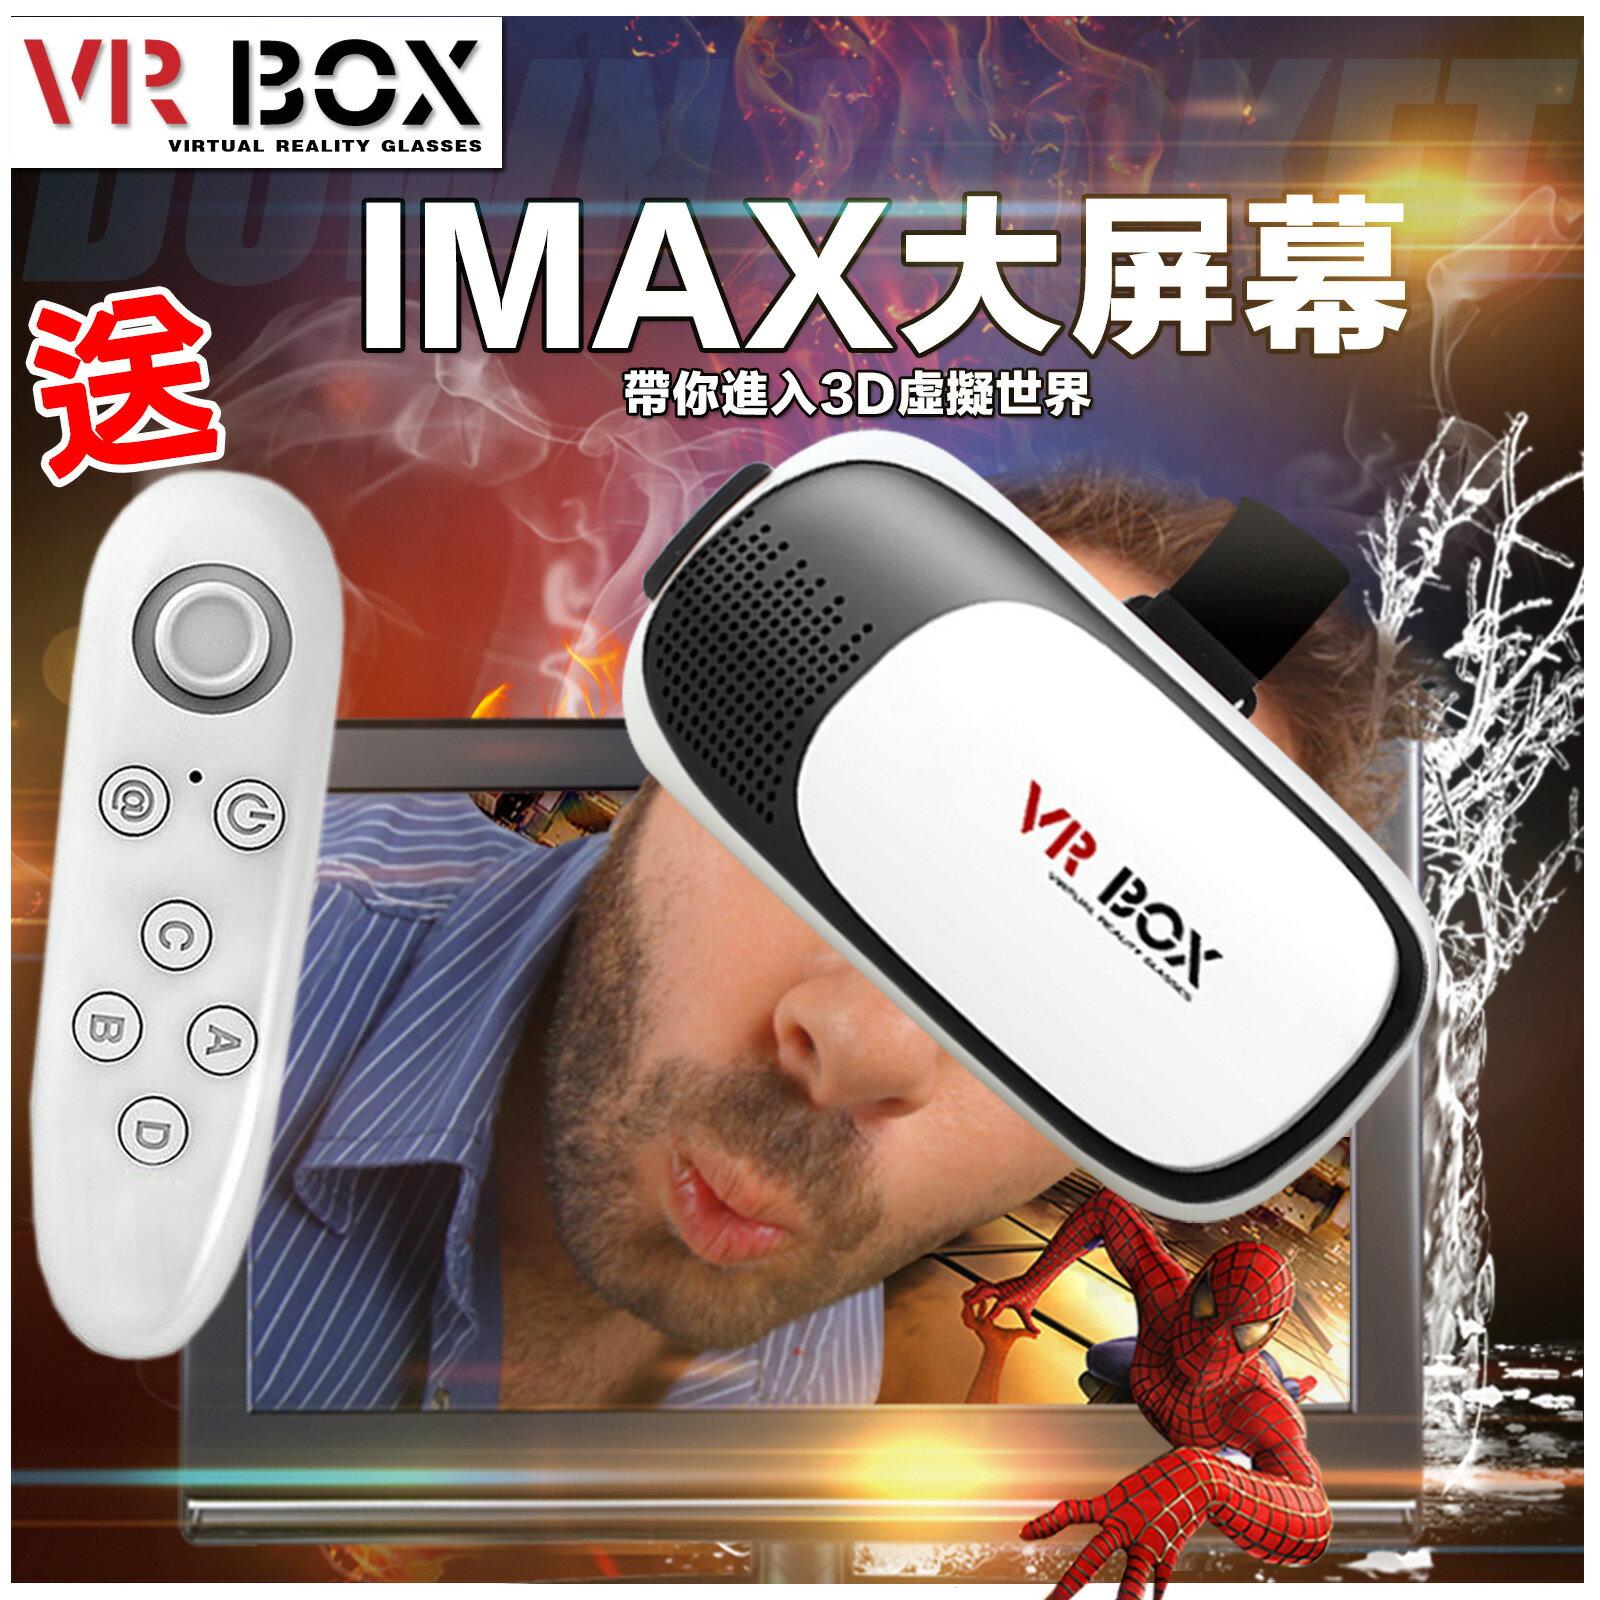 VR Box 3D眼鏡 虛擬實境眼鏡 3D Case 暴風魔鏡 VR遊戲【VRBOX】☆雙兒網☆ 0